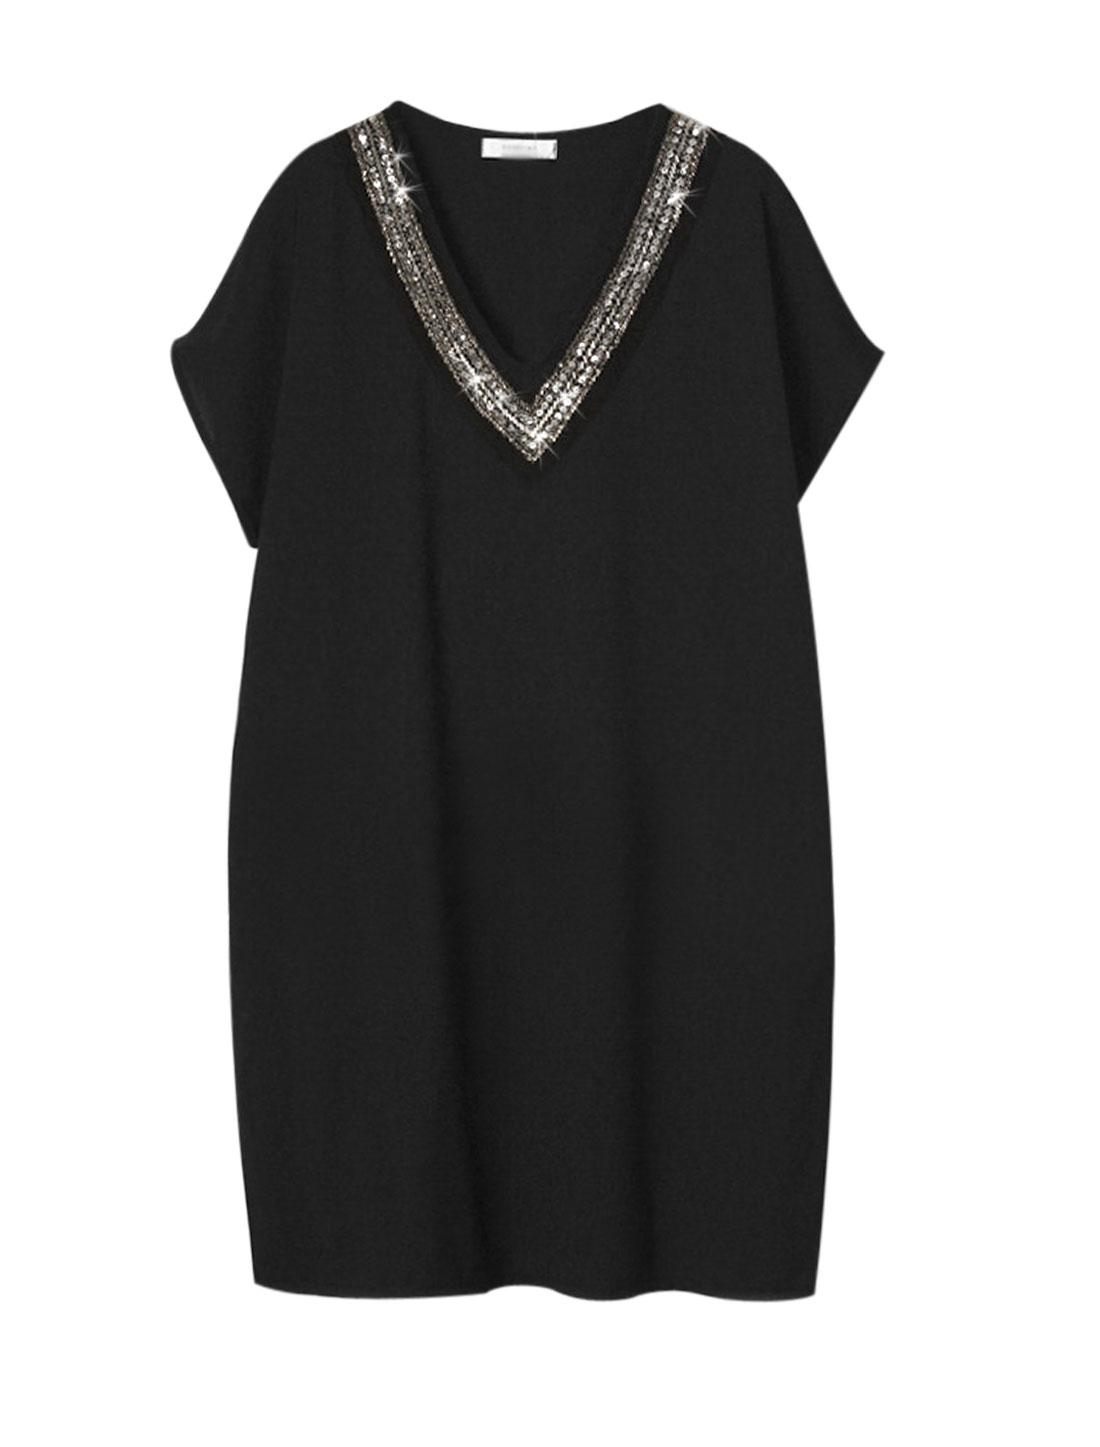 Woman Slipover Sequin Embellished V Neckline Tunic Dress Black L